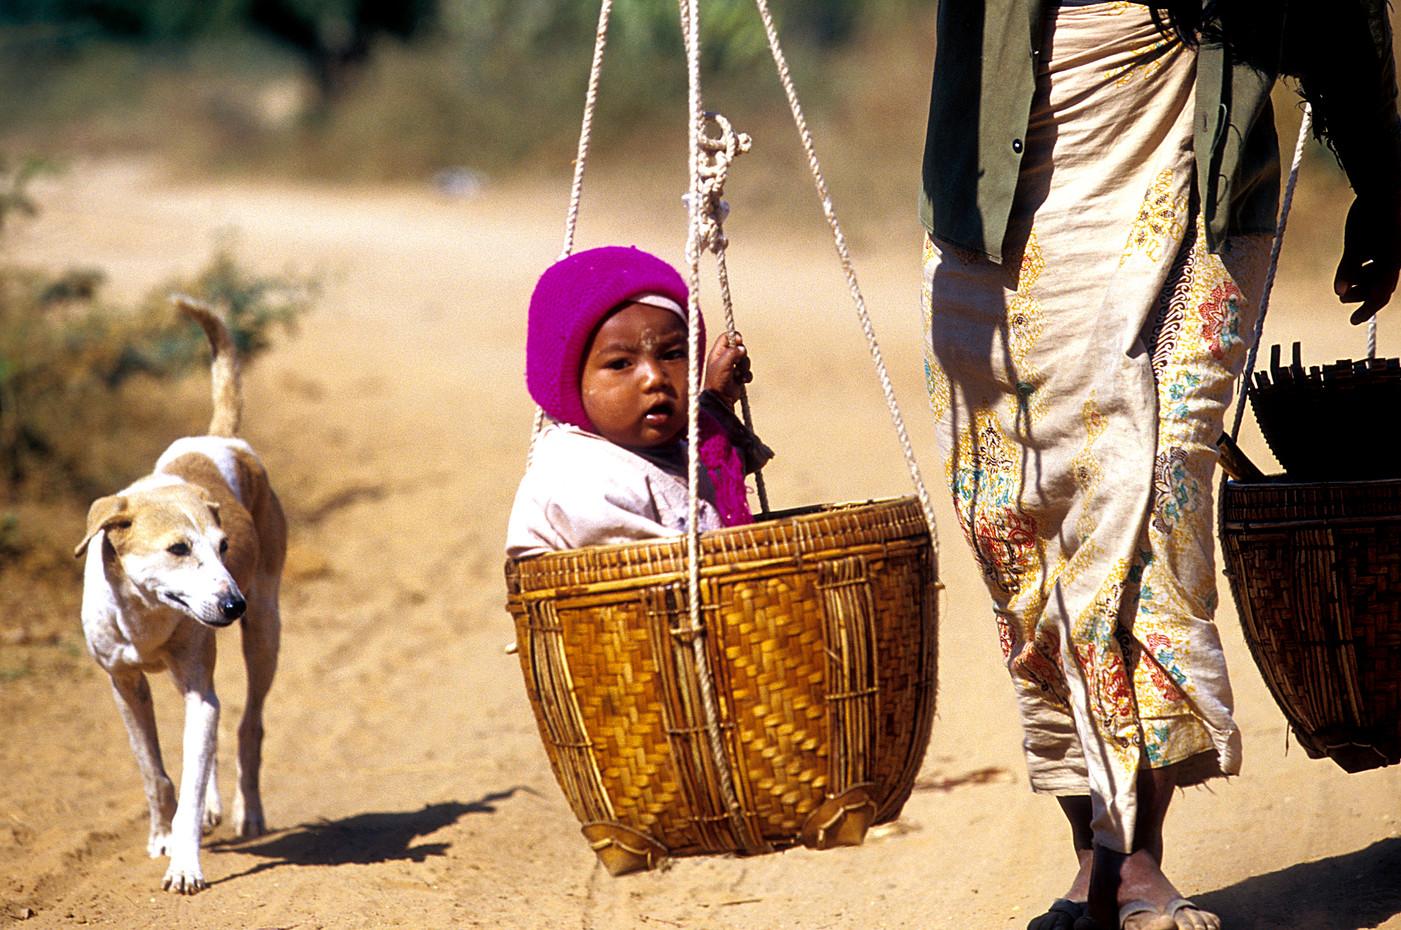 Mother, child & dog in Bagan, Myanmar